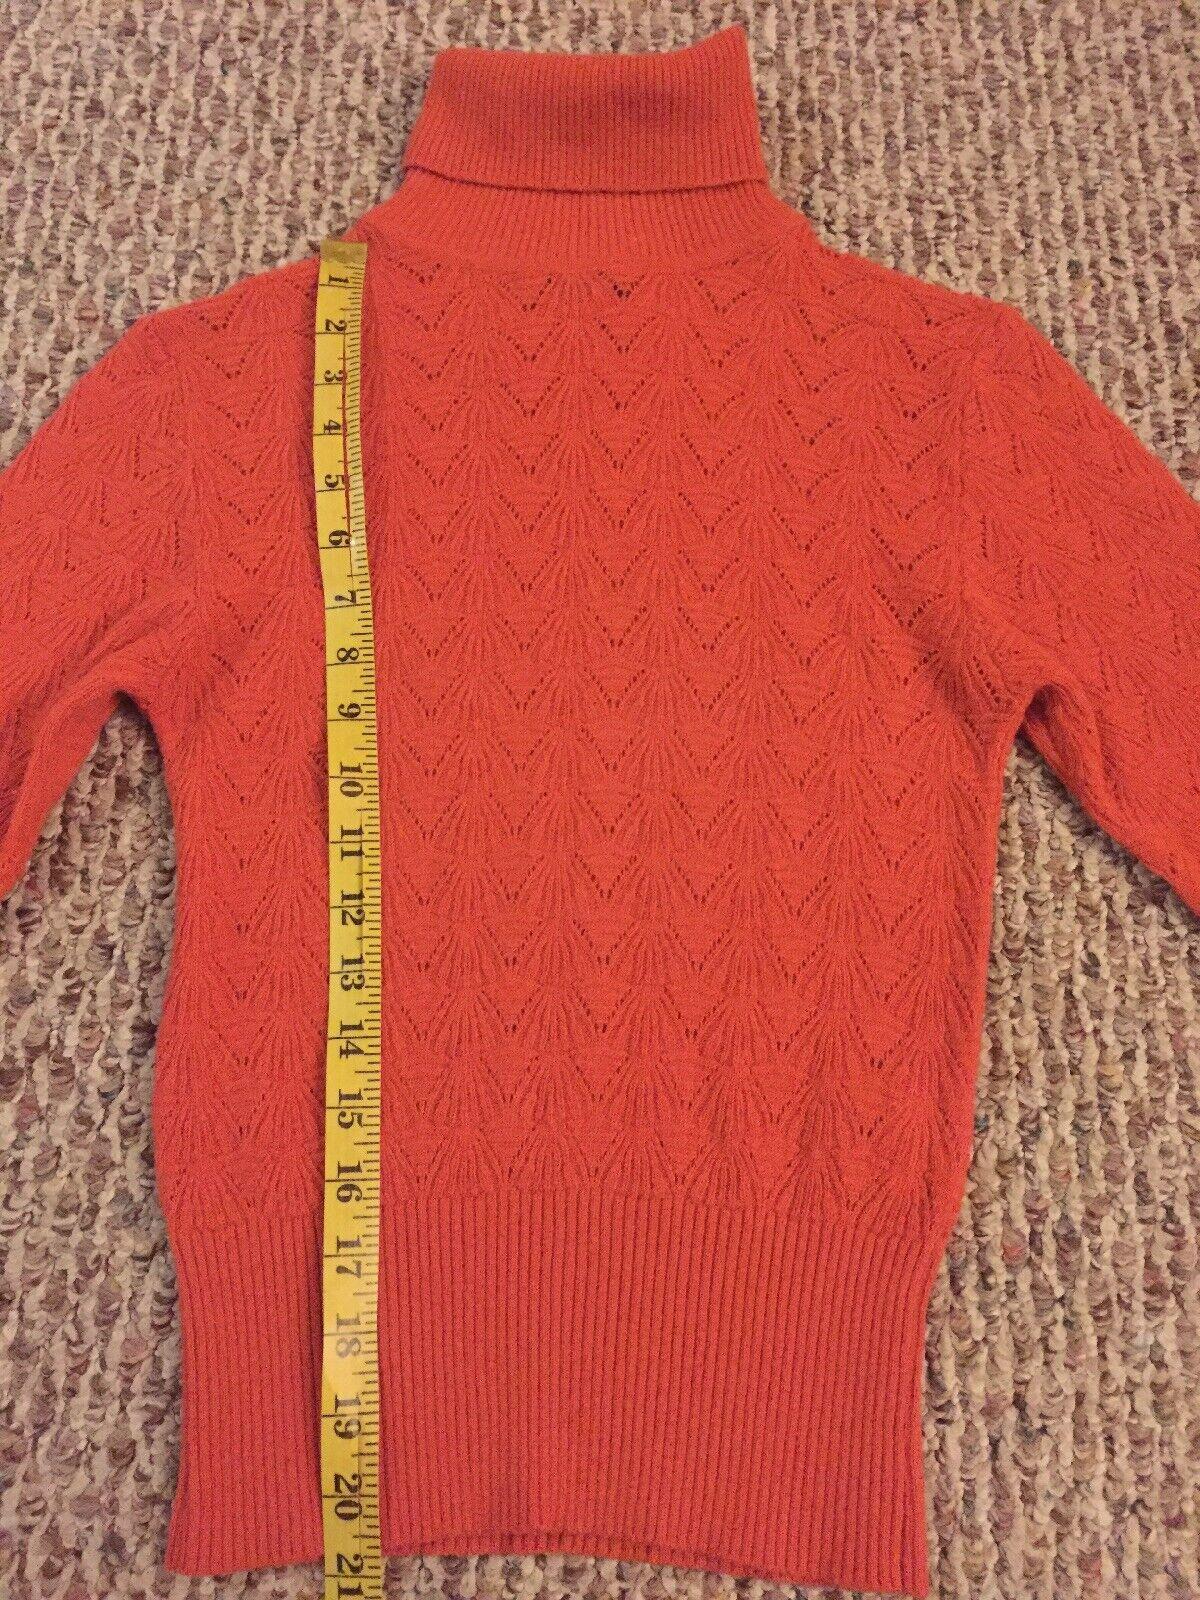 D&G DOLCE & GABBANA Wool Blend Turtleneck Knit Sw… - image 9